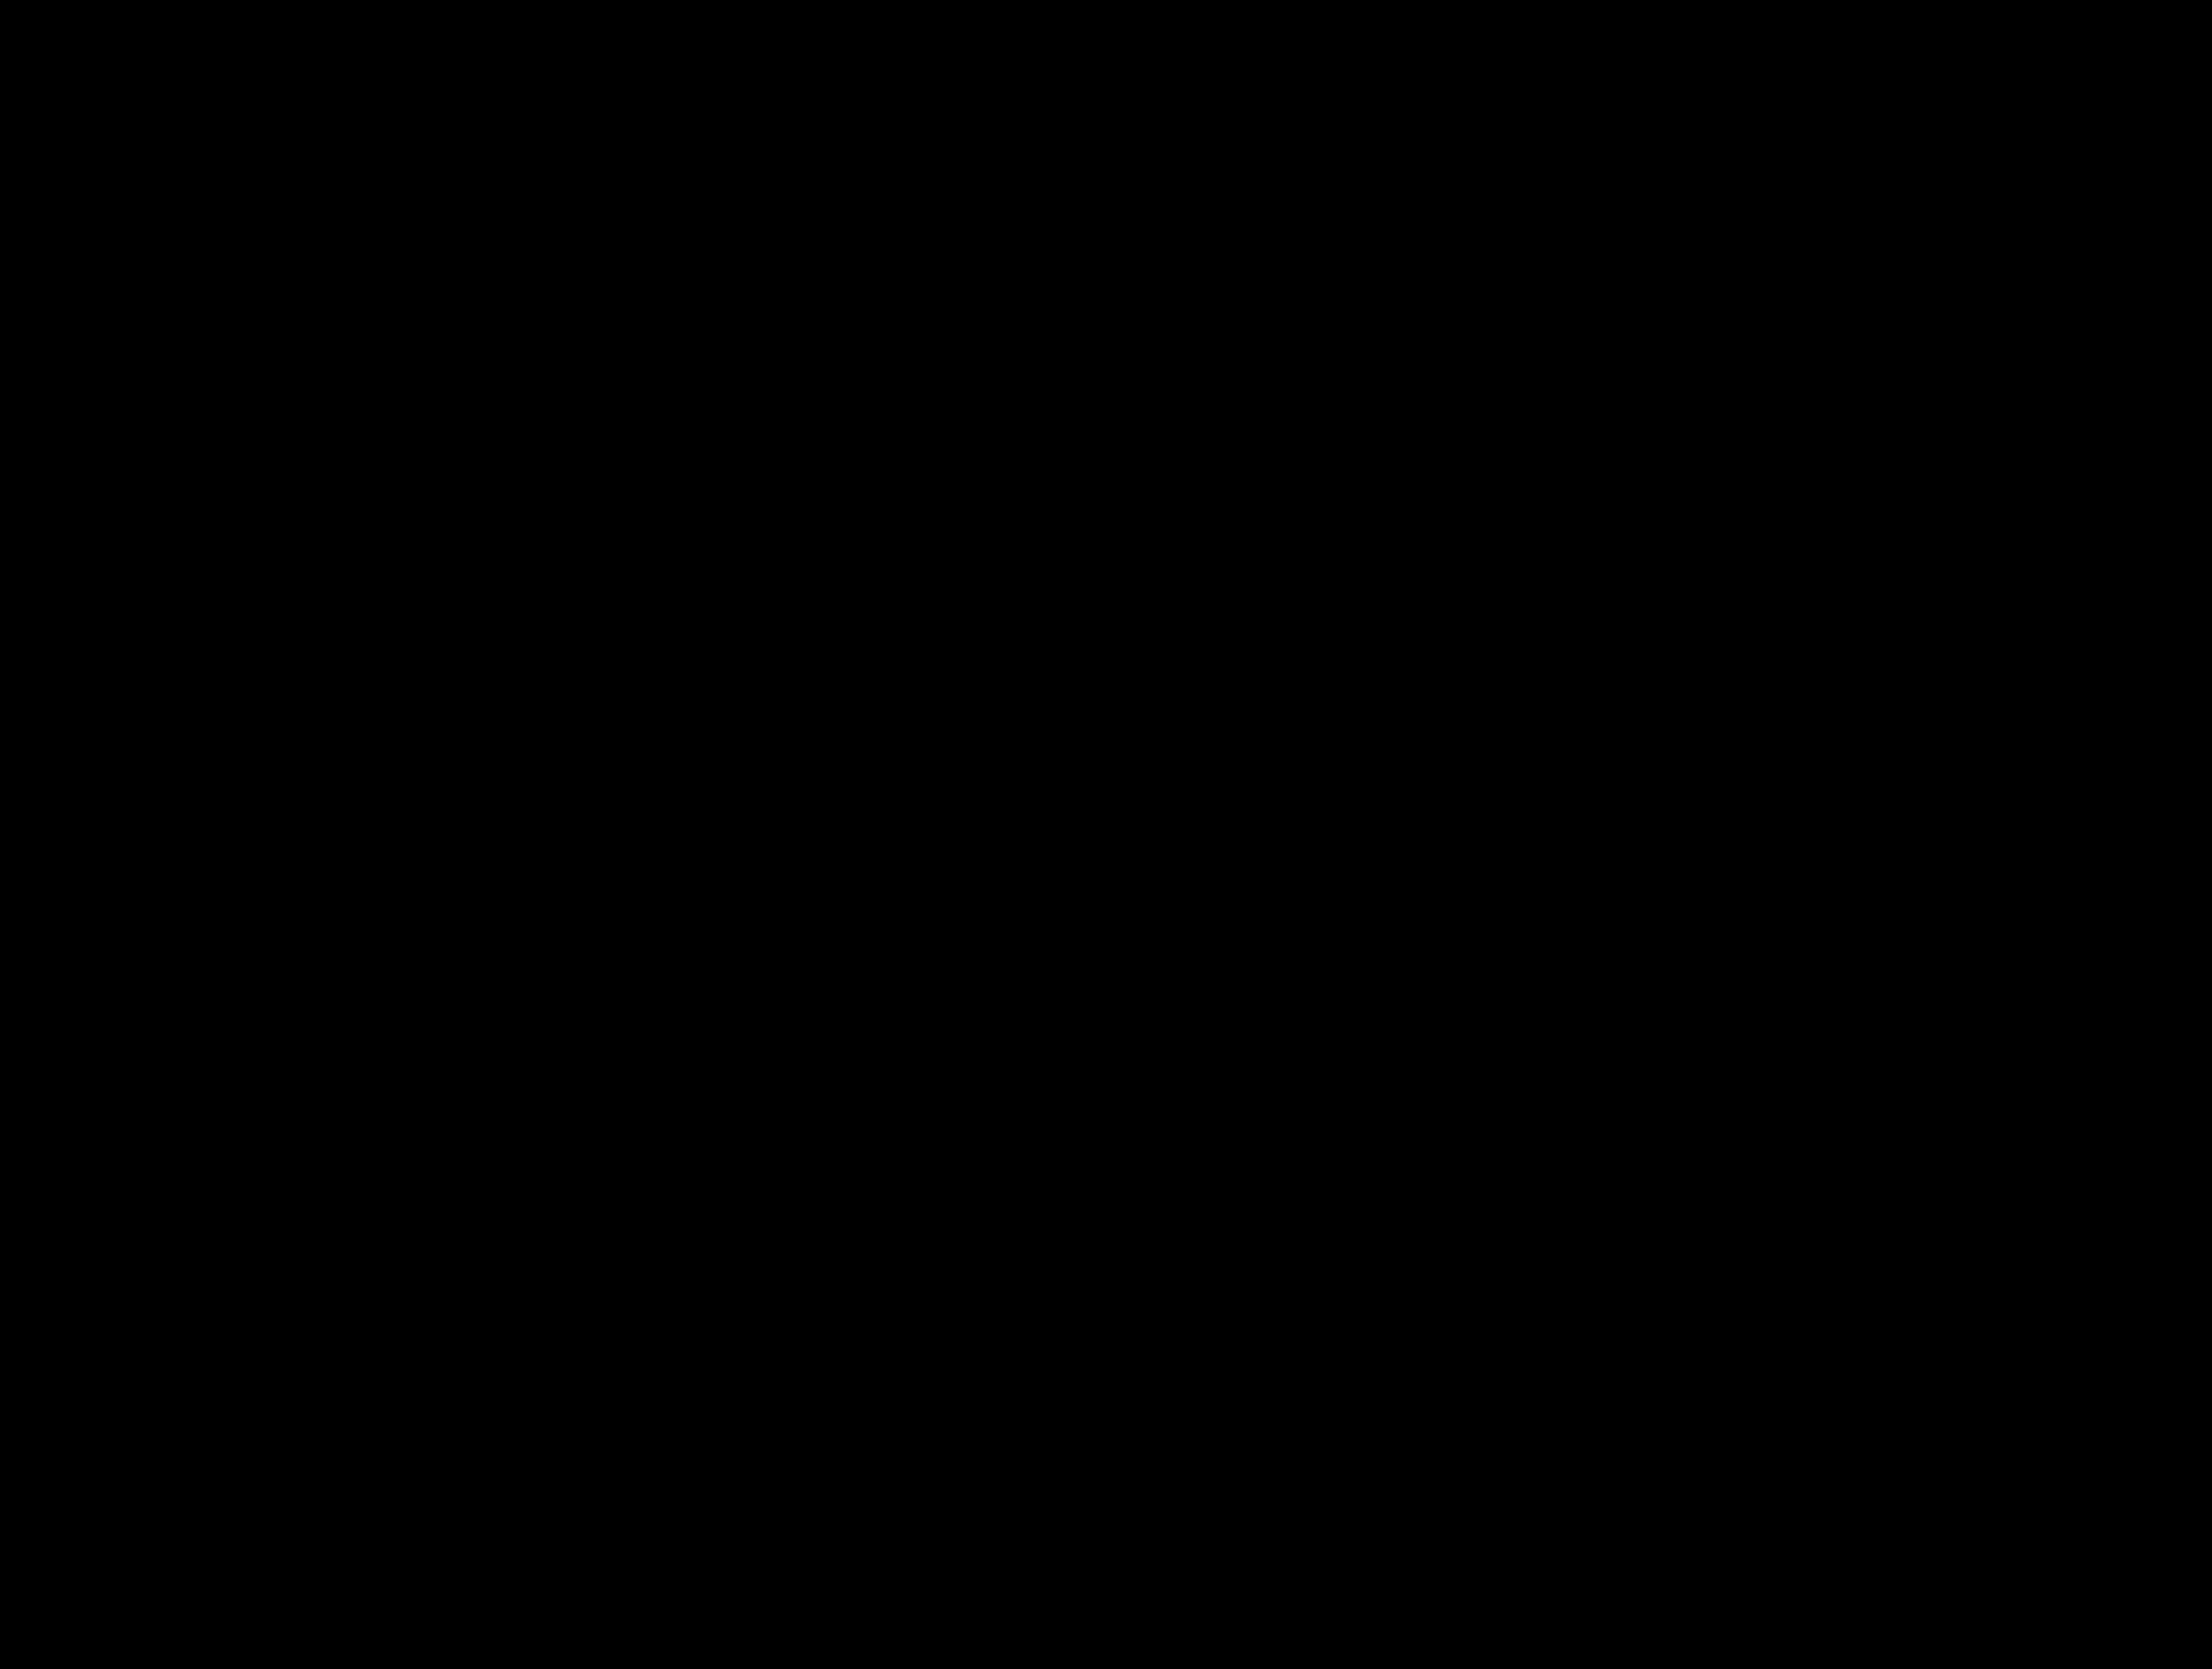 ecogardens-harmony-icon.png